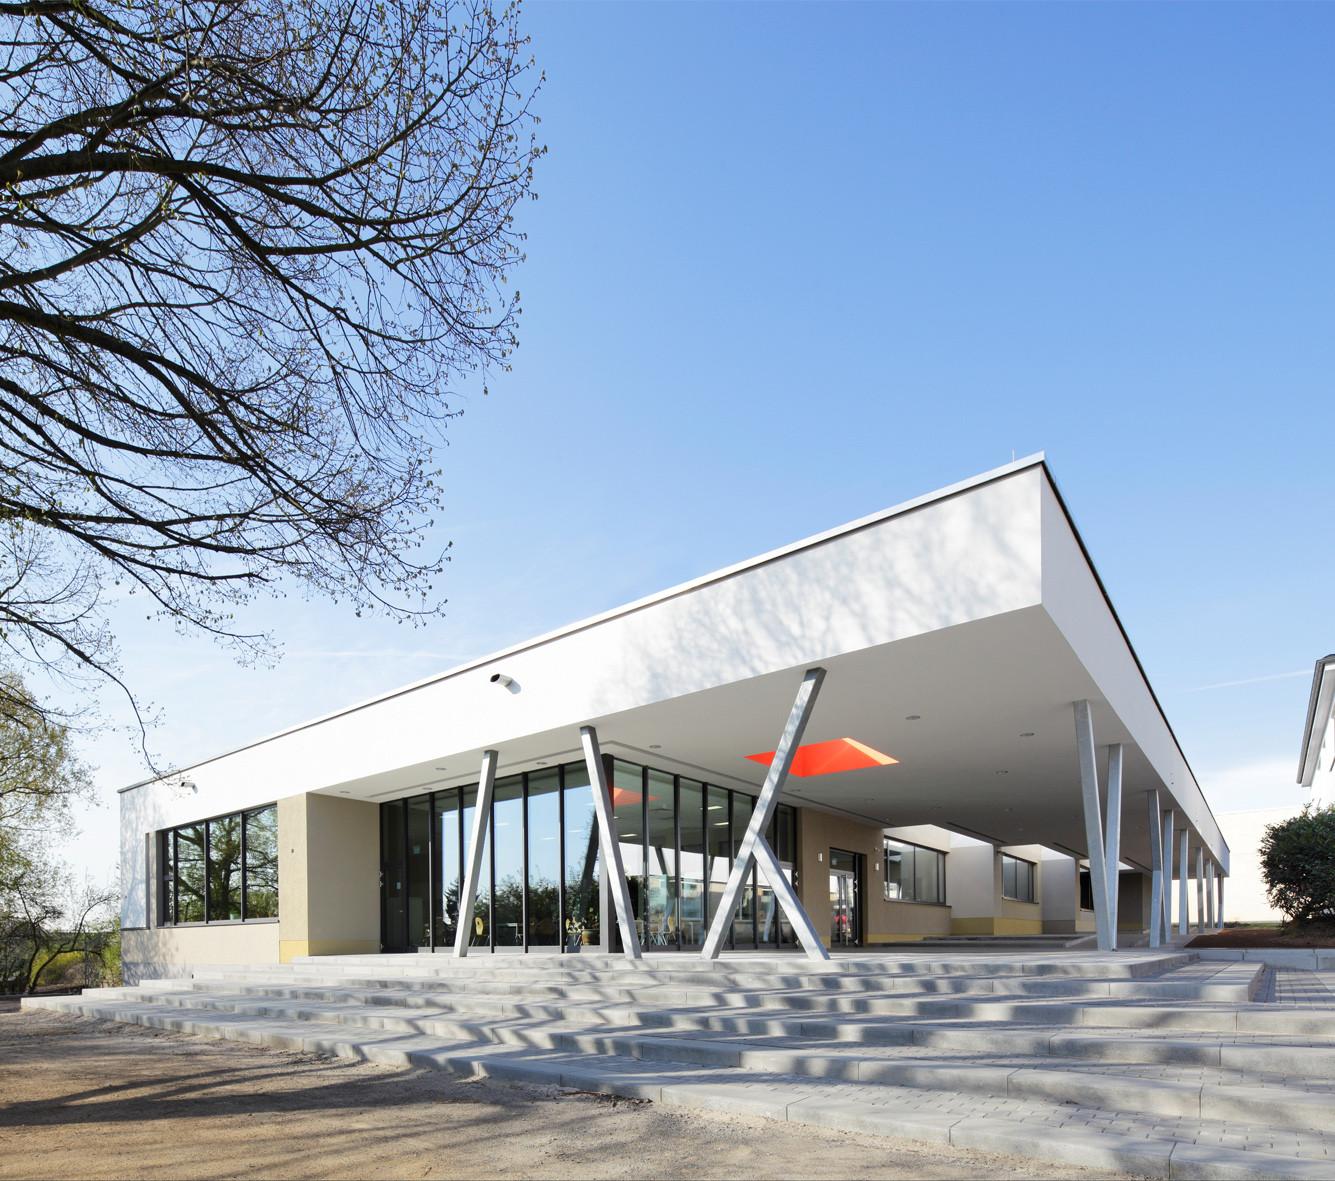 Friedrich-Ebert-Schule / kreiling rosner architekten, © Ralf Heidenreich